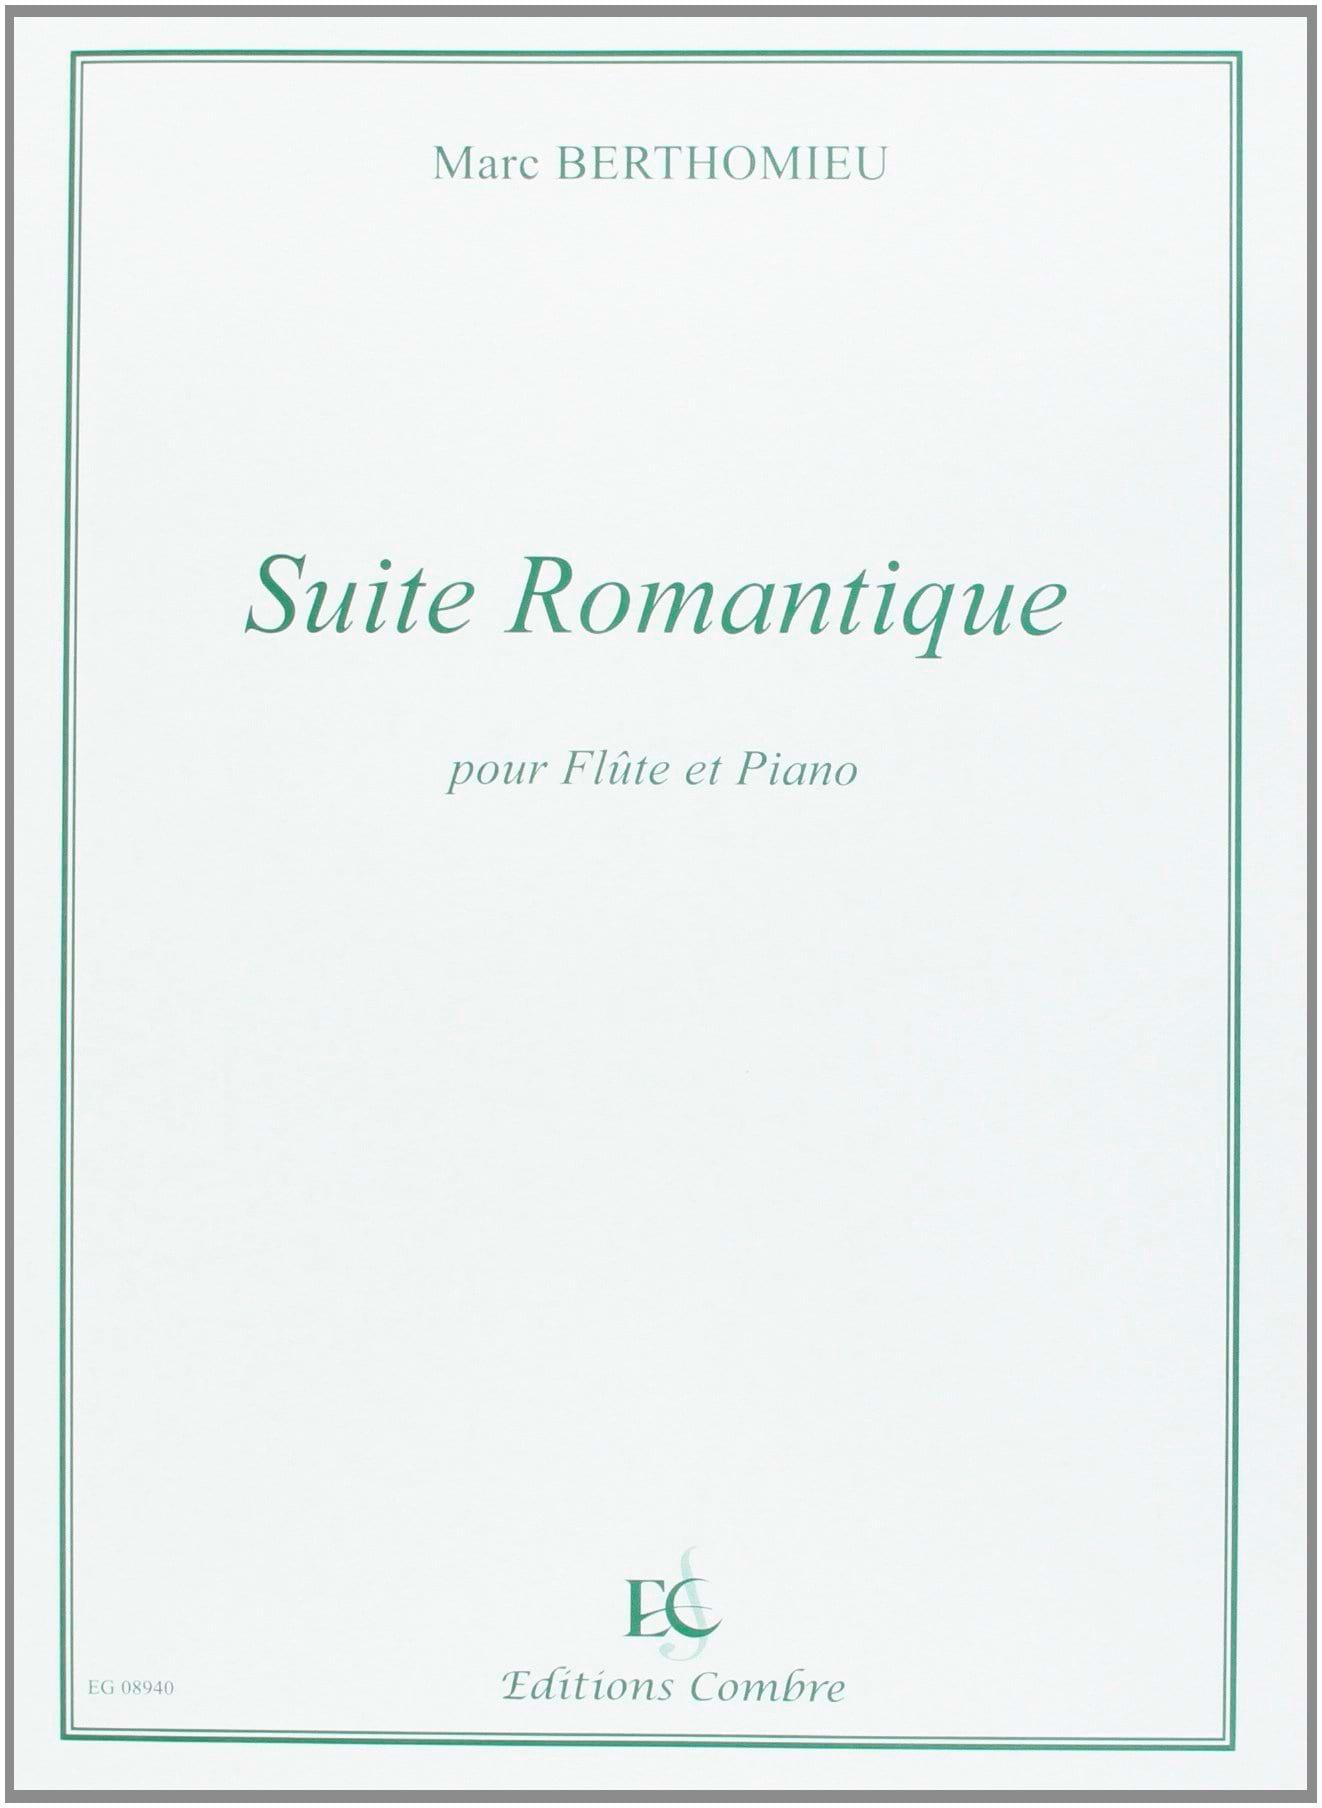 Suite romantique - Marc Berthomieu - Partition - laflutedepan.com